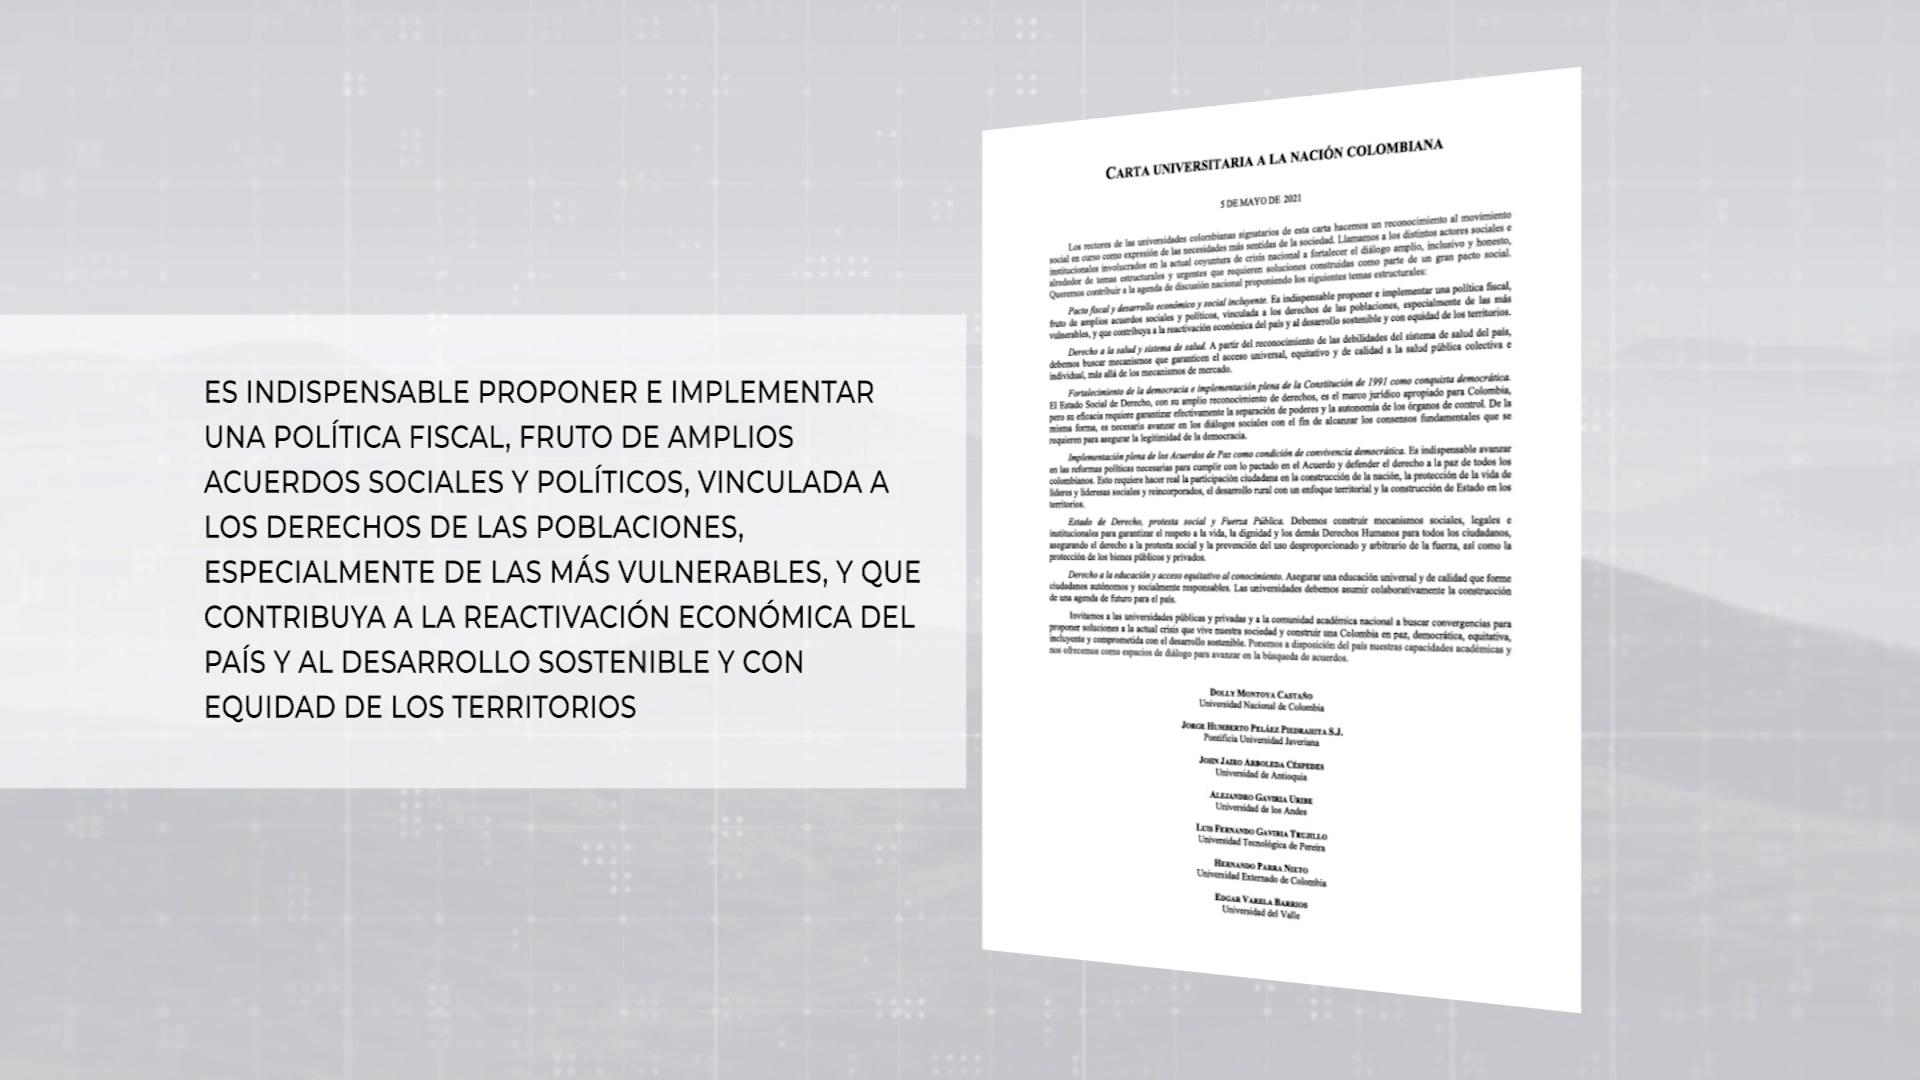 Carta de siete universidades al Gobierno Nacional